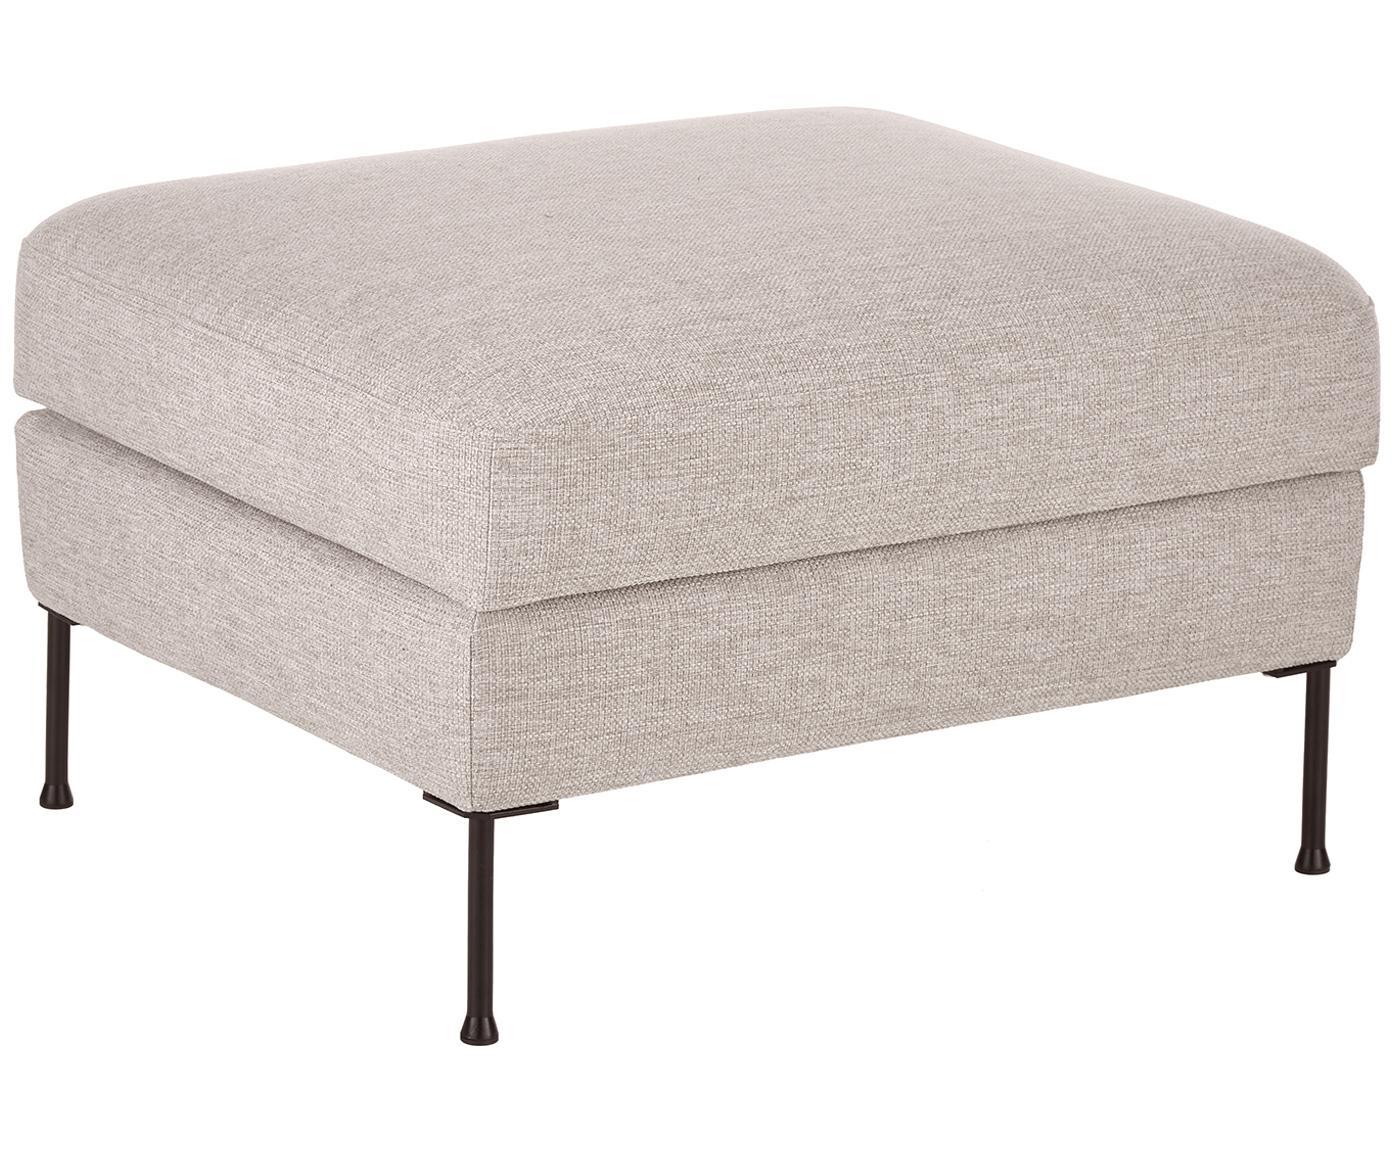 Poggiapiedi contenitore da divano Cucita, Rivestimento: tessuto (poliestere) 100., Struttura: legno di pino massiccio, Piedini: metallo verniciato, Beige, Larg. 85 x Alt. 42 cm